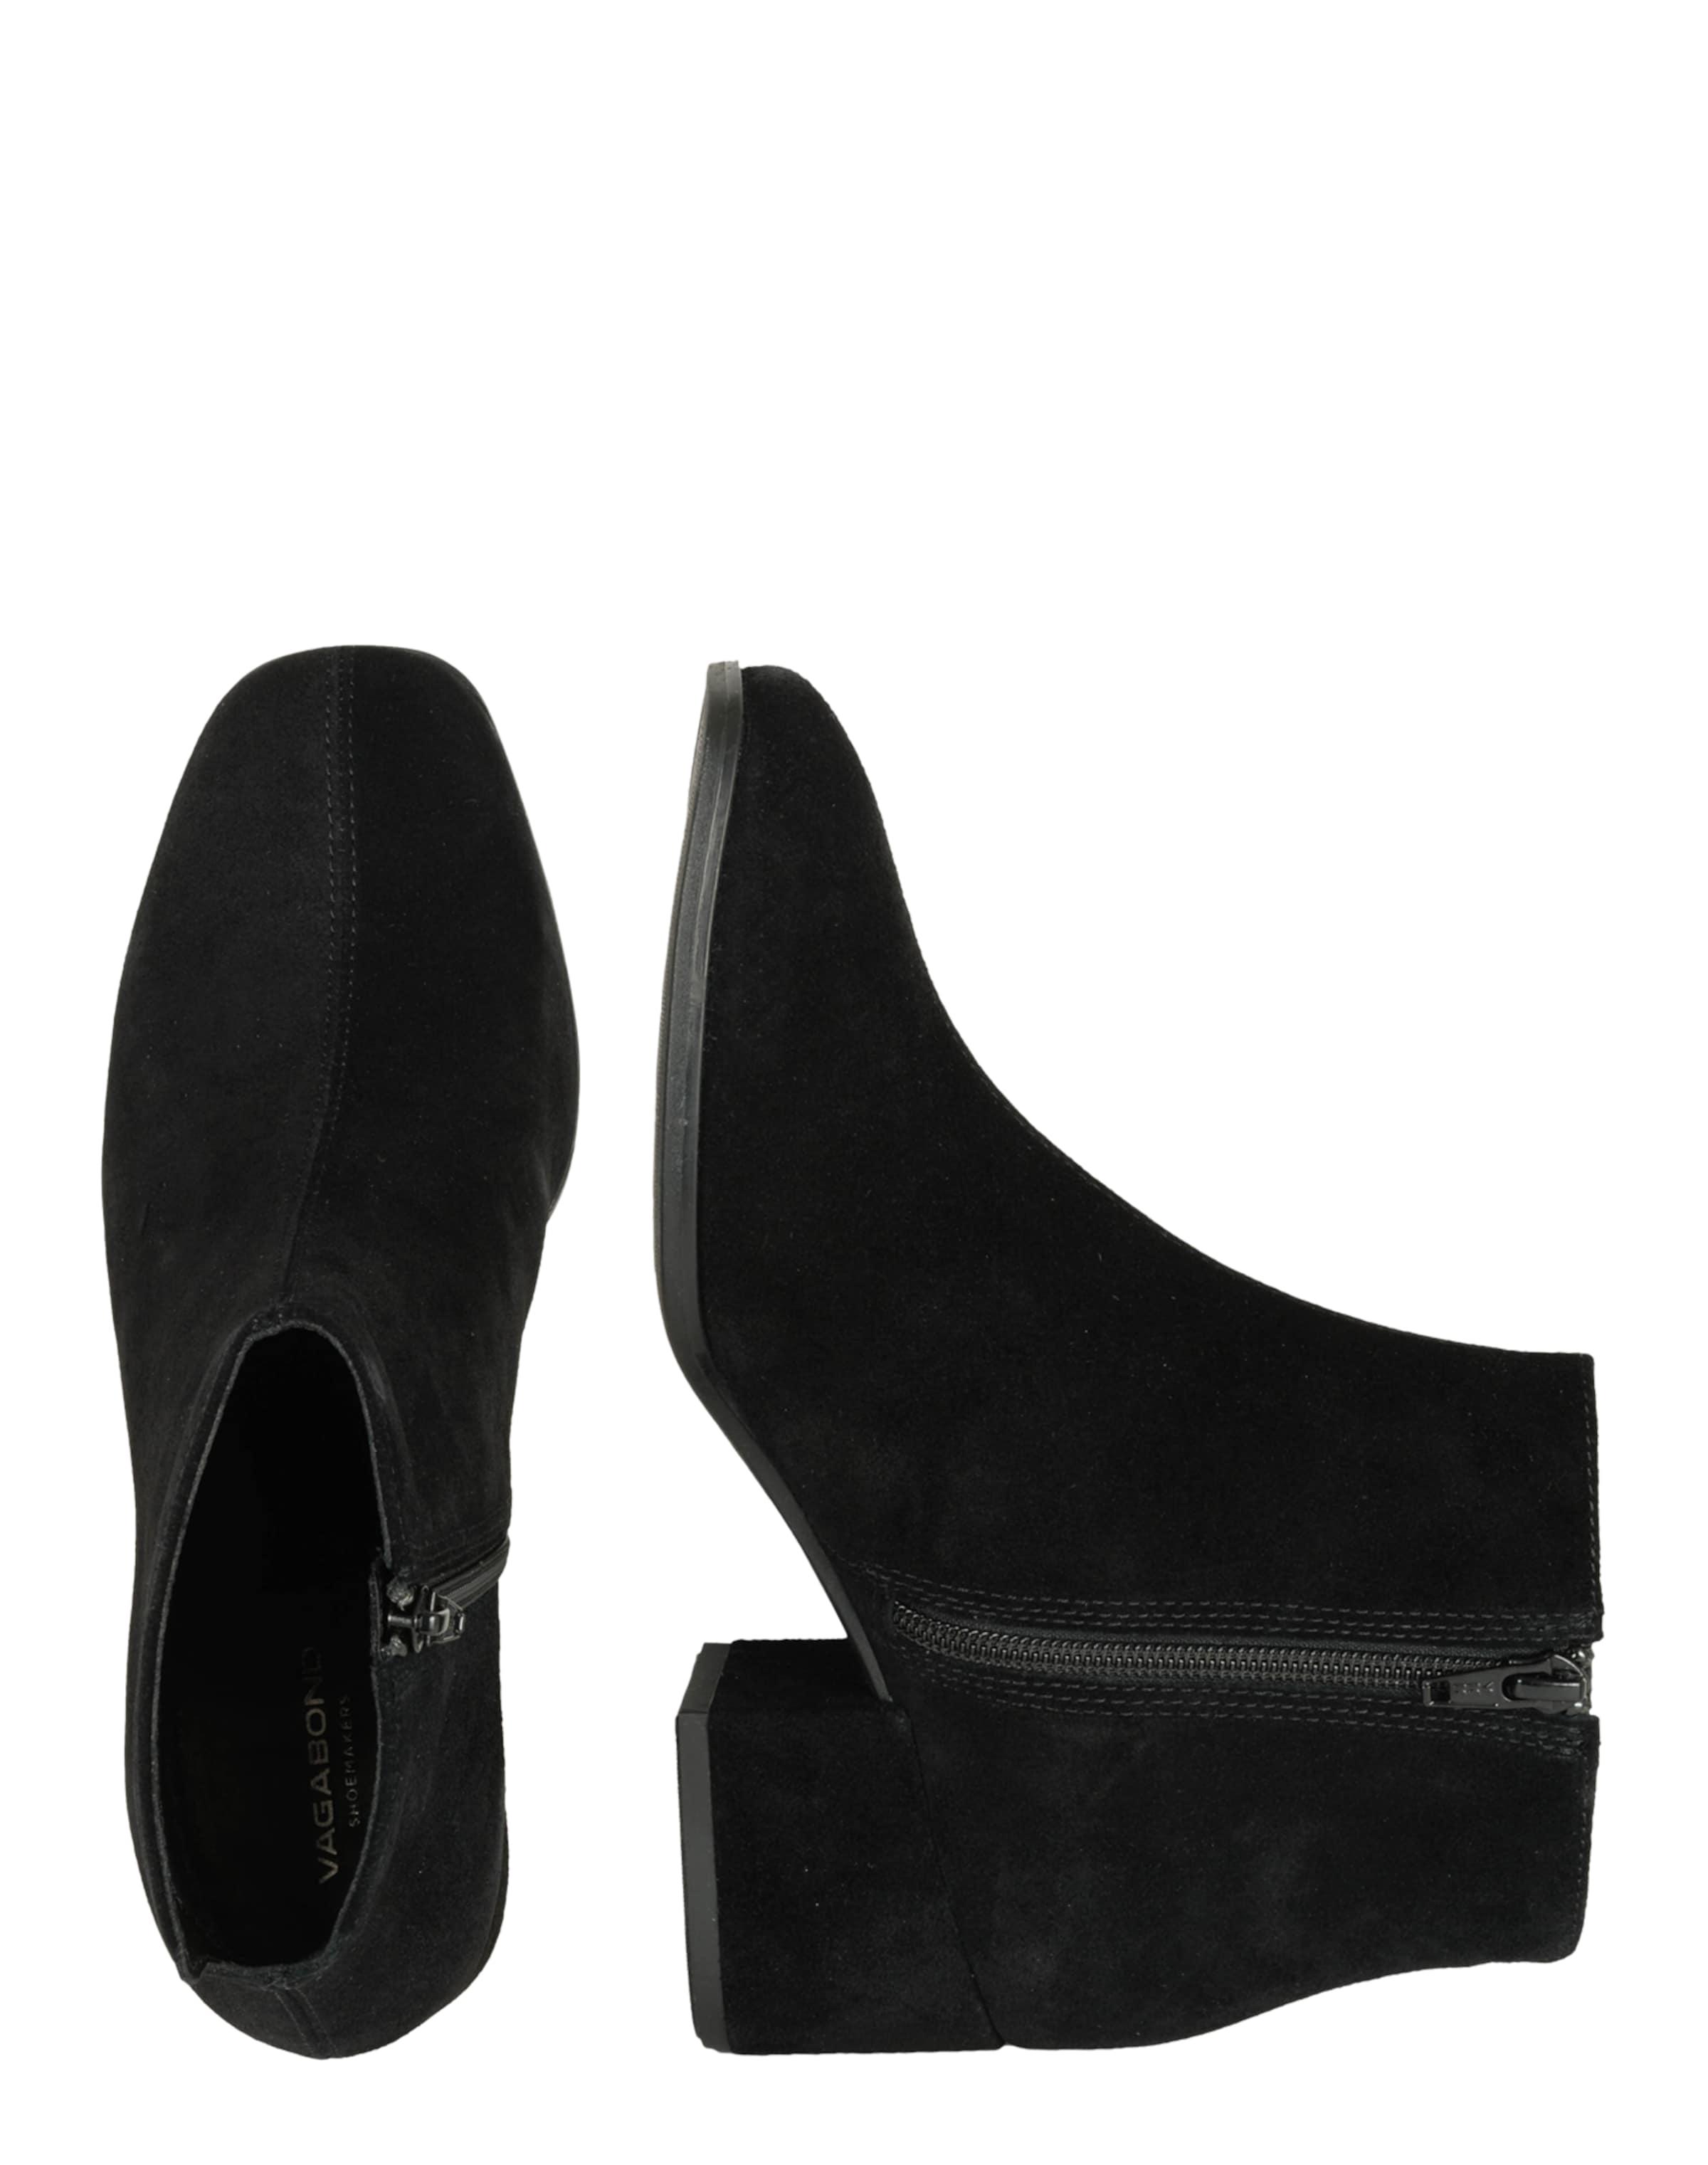 VAGABOND SHOEMAKERS VAGABOND Boots 'Daisy' SHOEMAKERS Ankle qqr7zT